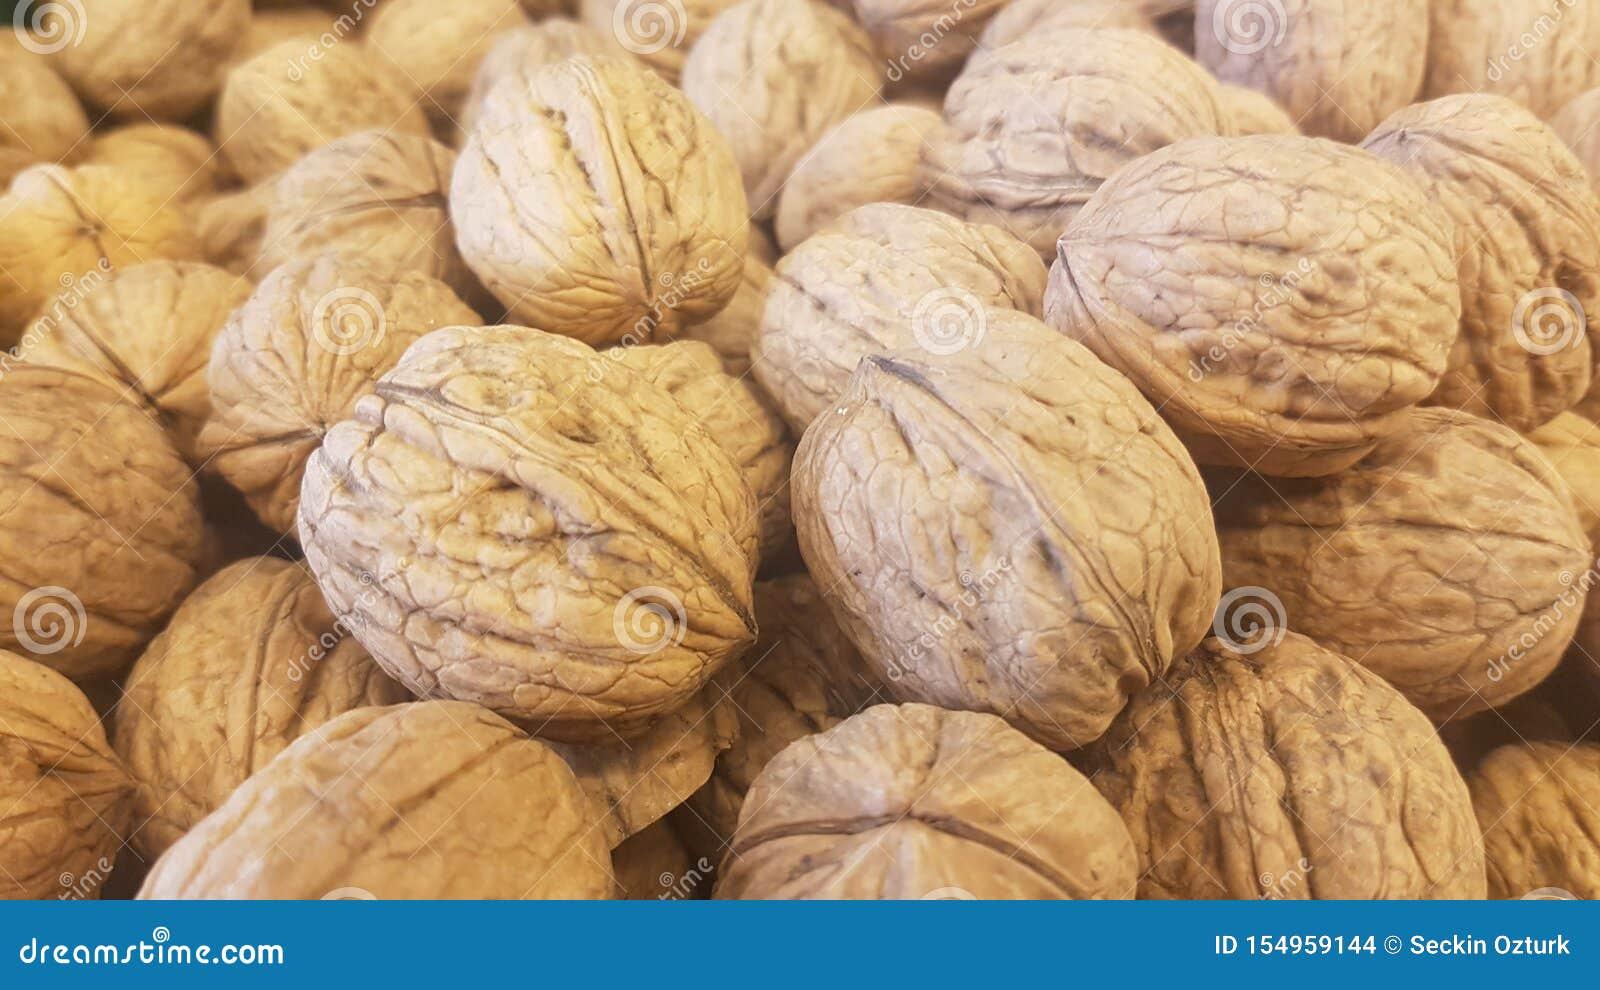 Lots of inshell walnuts texture